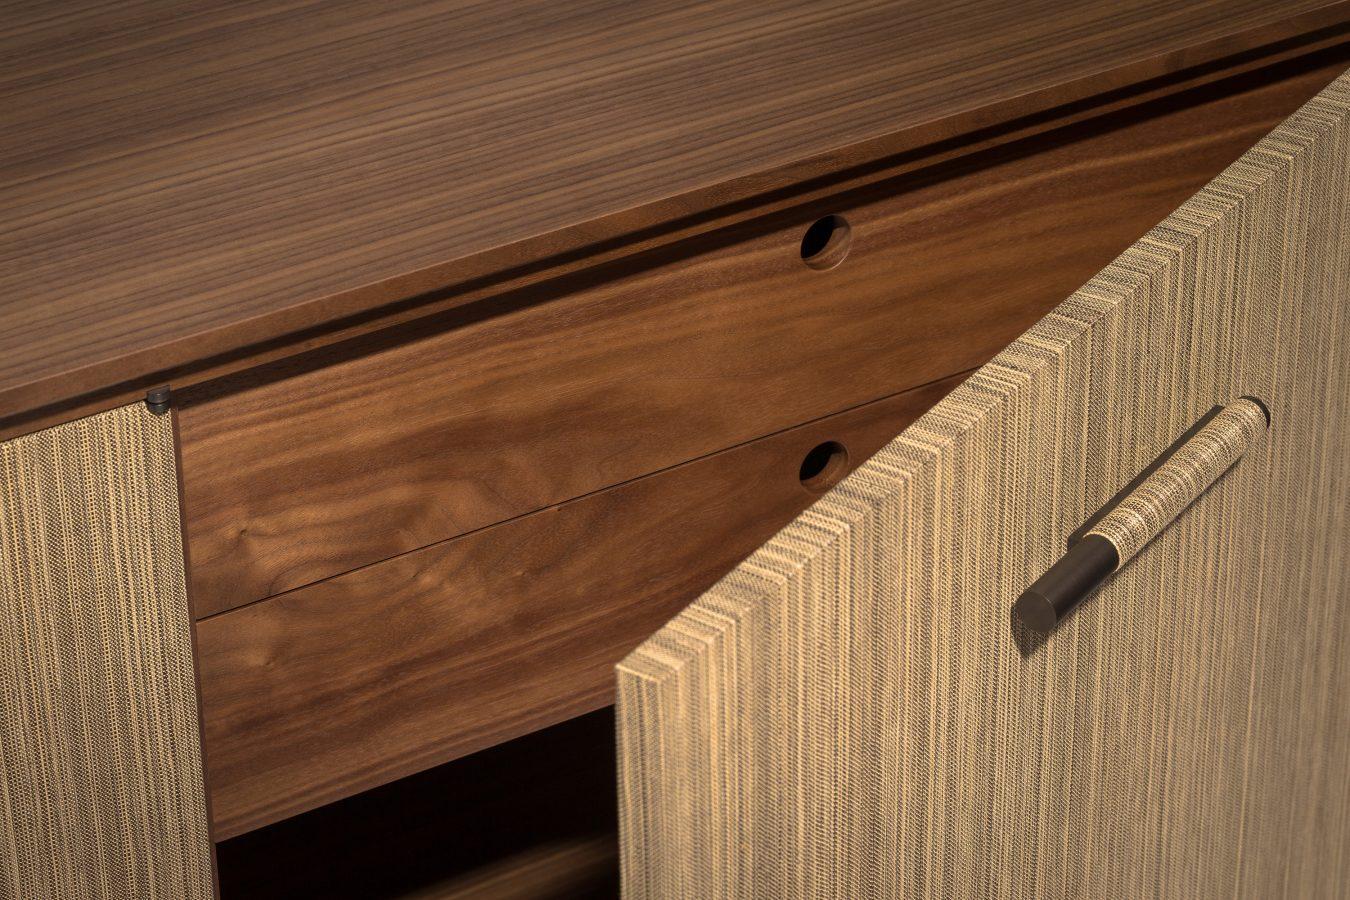 walnut credenza detail 1